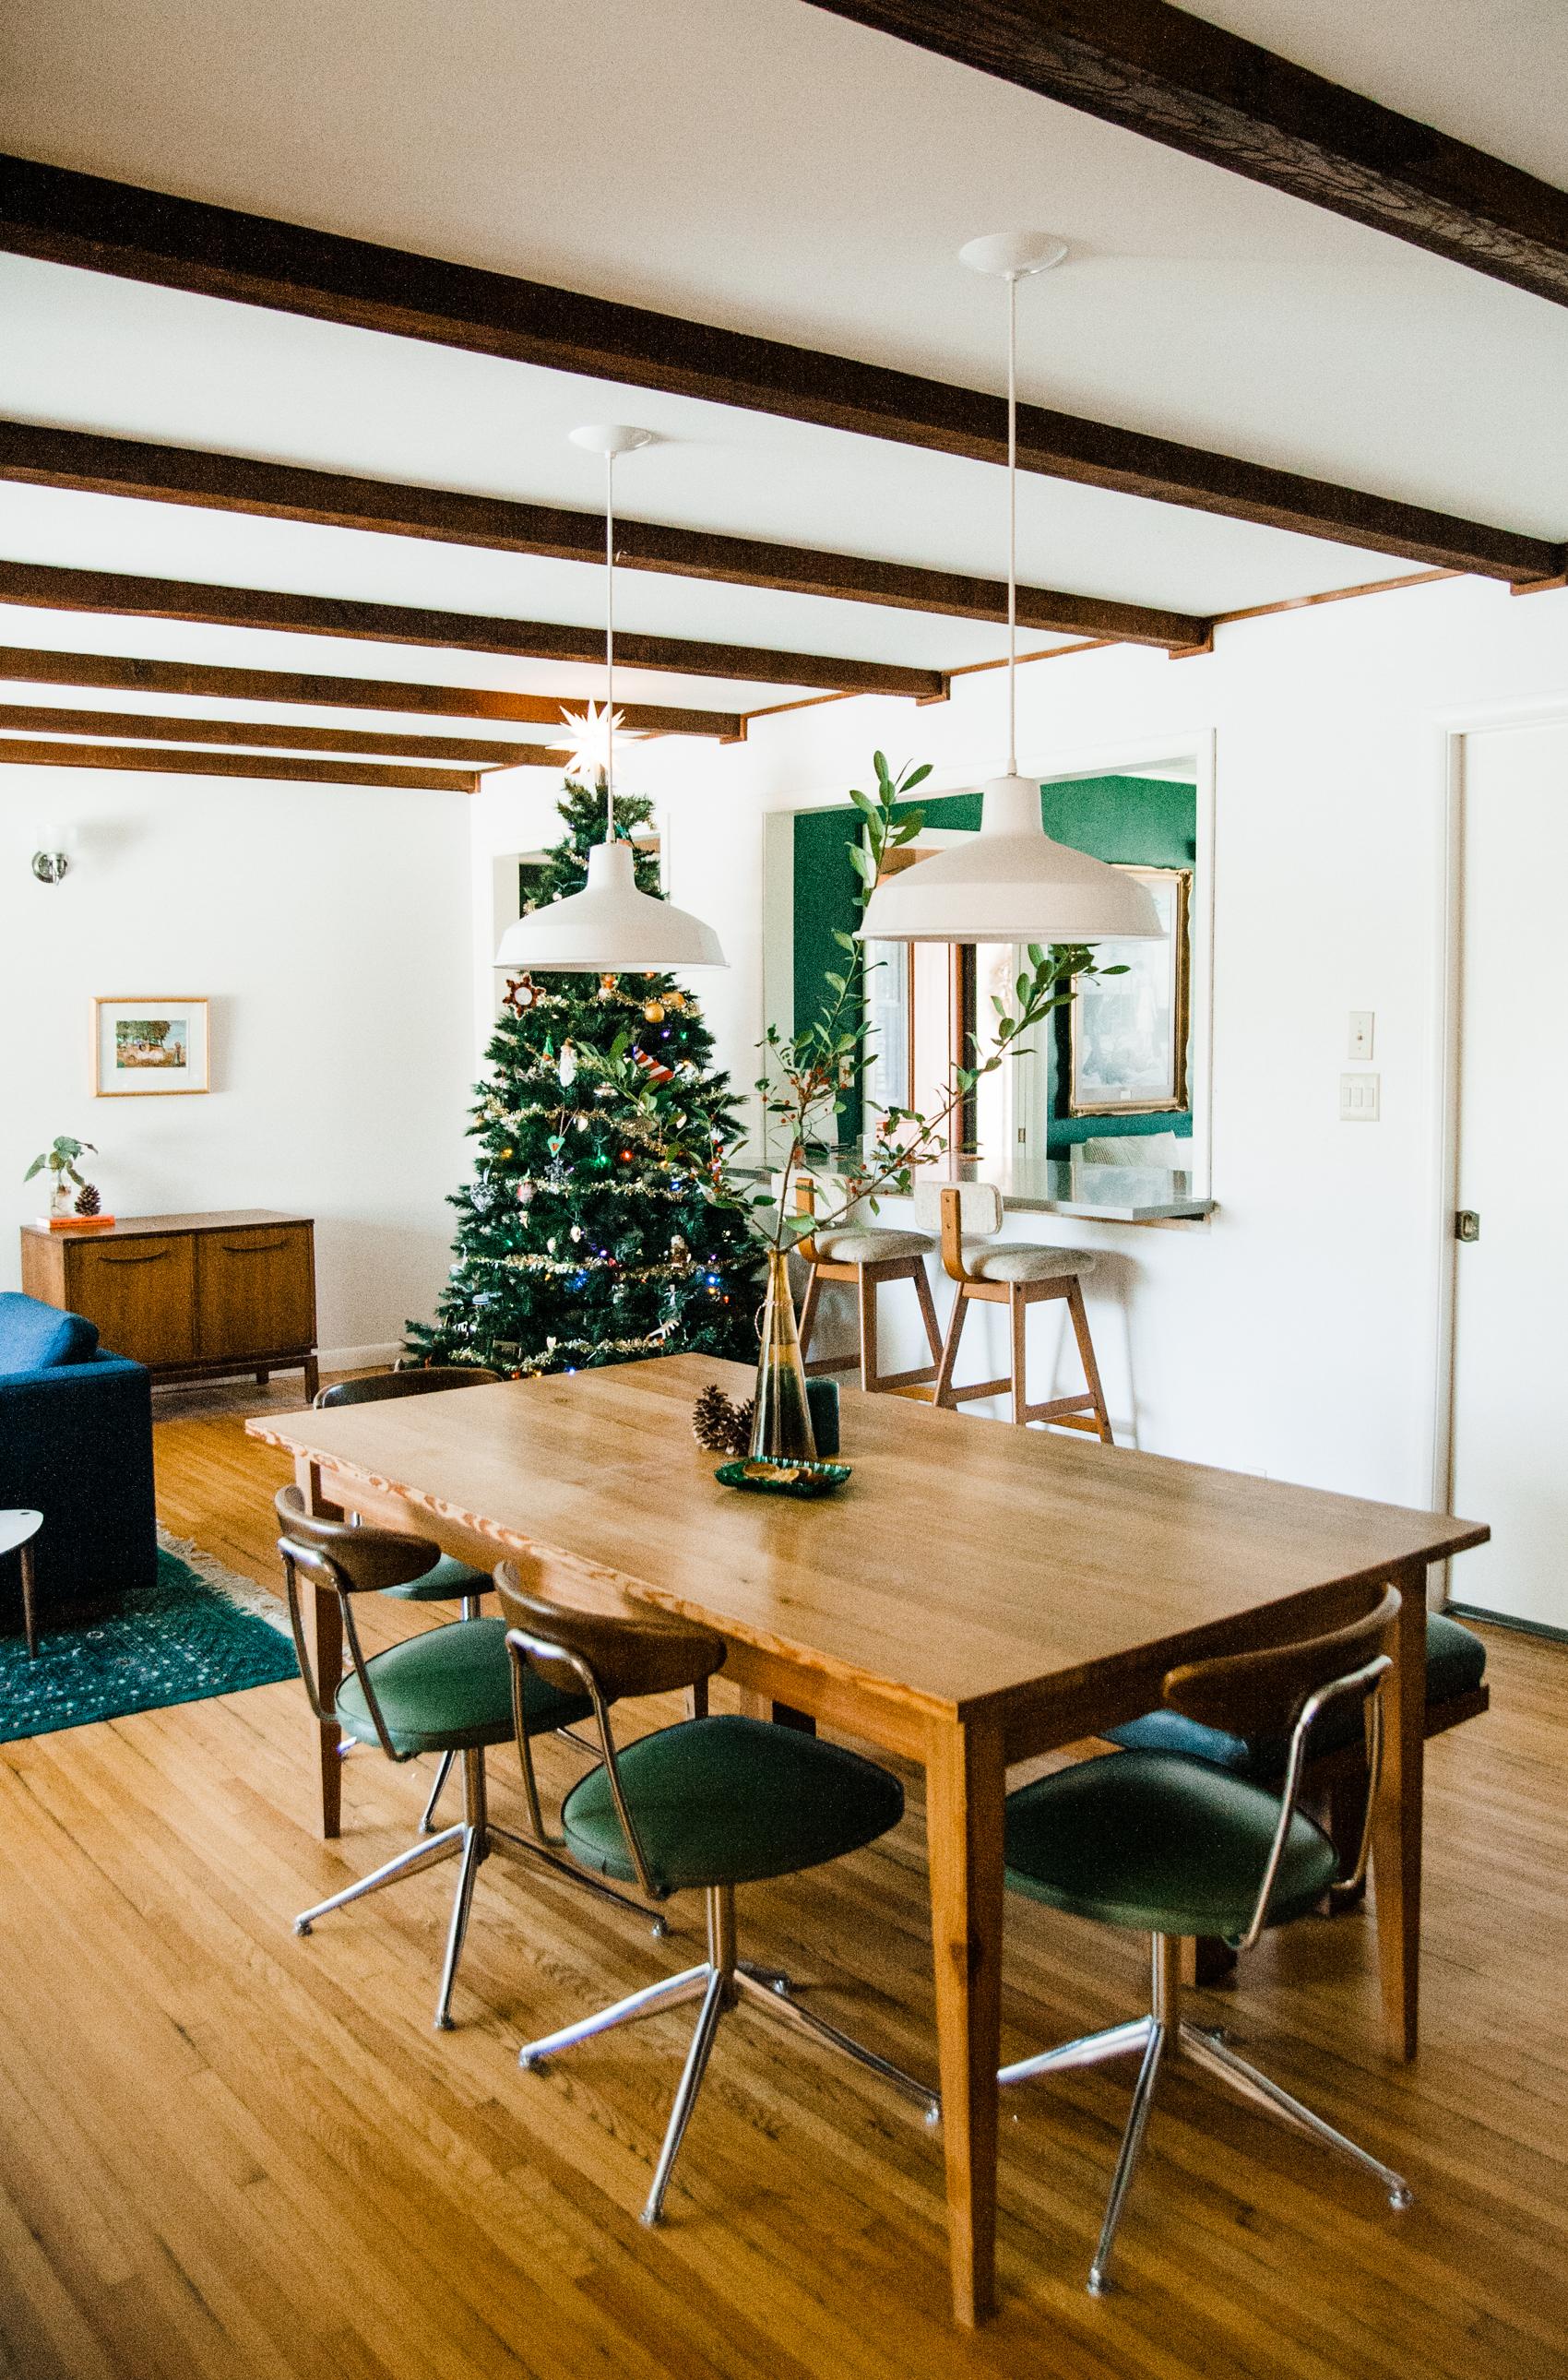 palmer holiday home tour-26.jpg